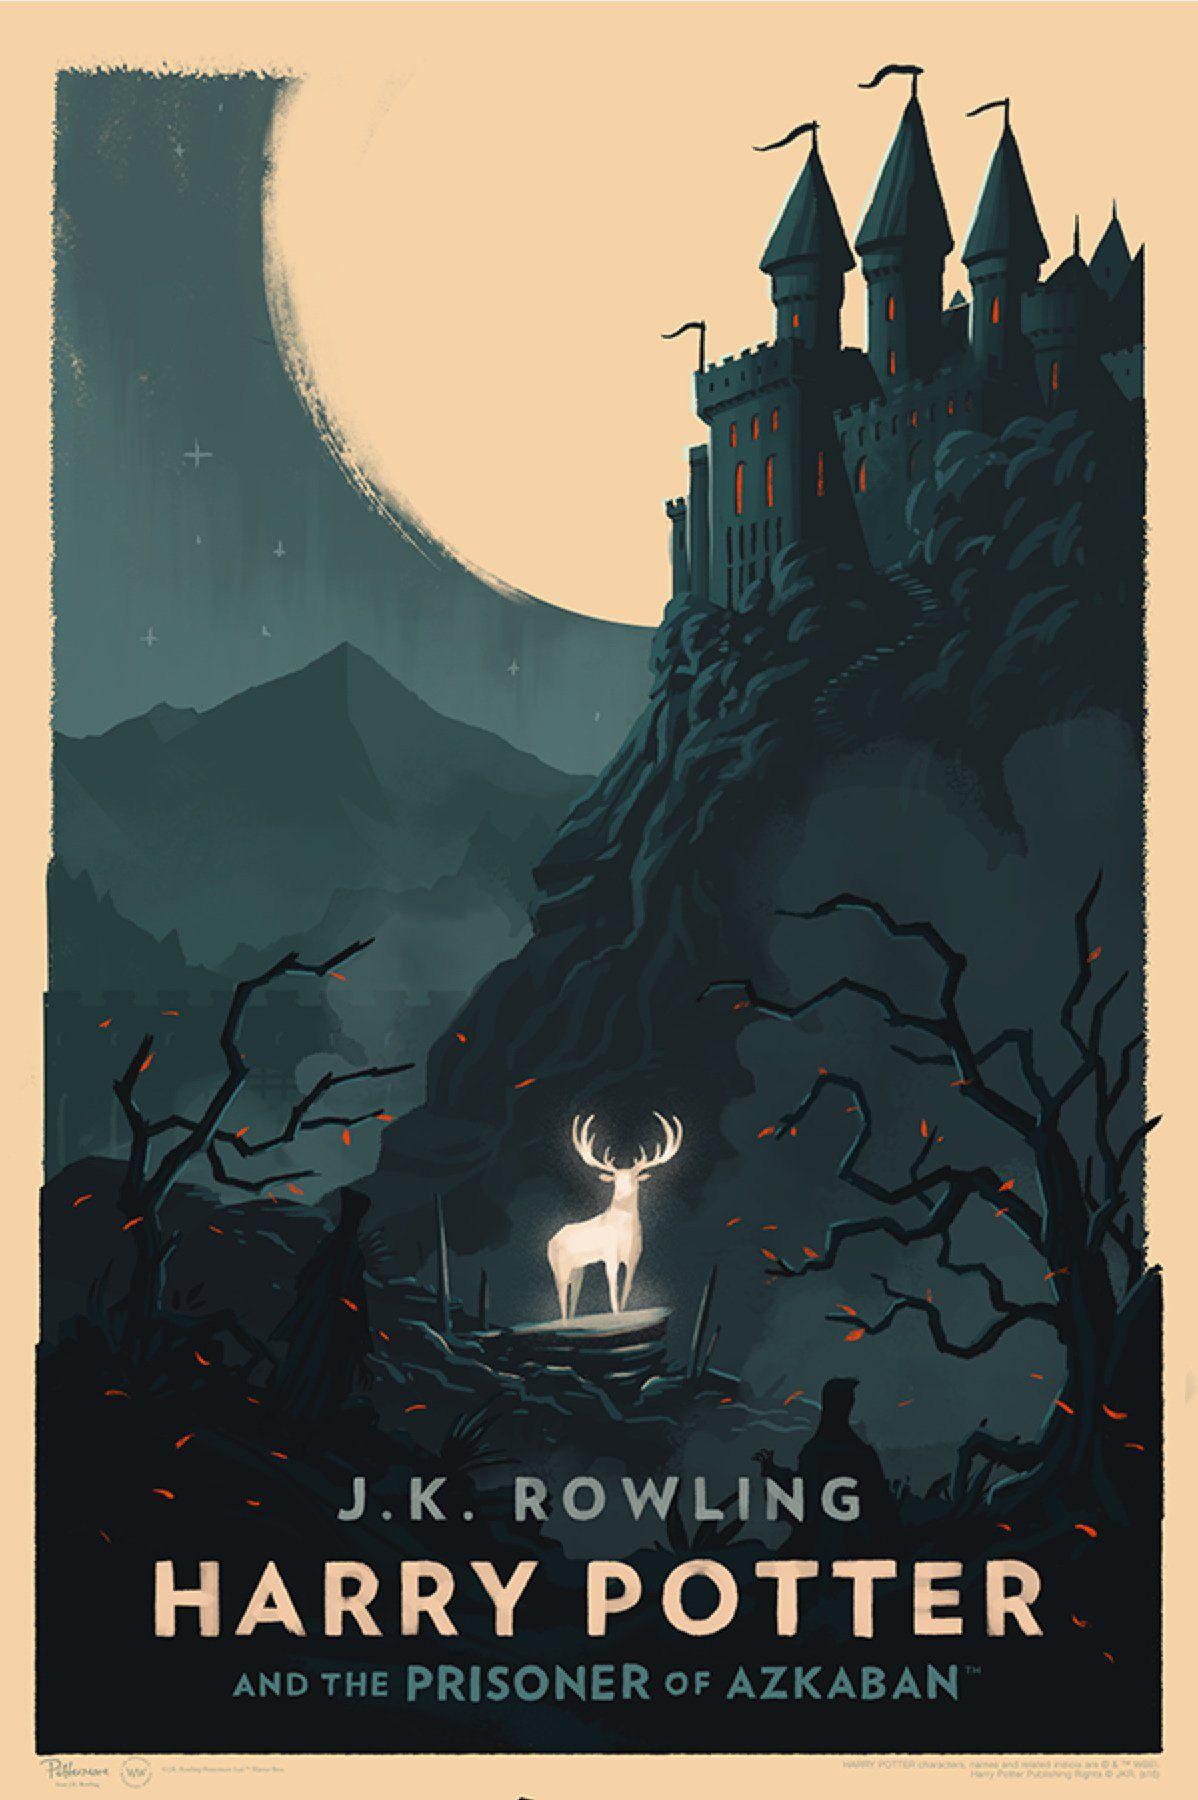 'Prisoner of Azkaban' Olly Moss Hogwarts poster